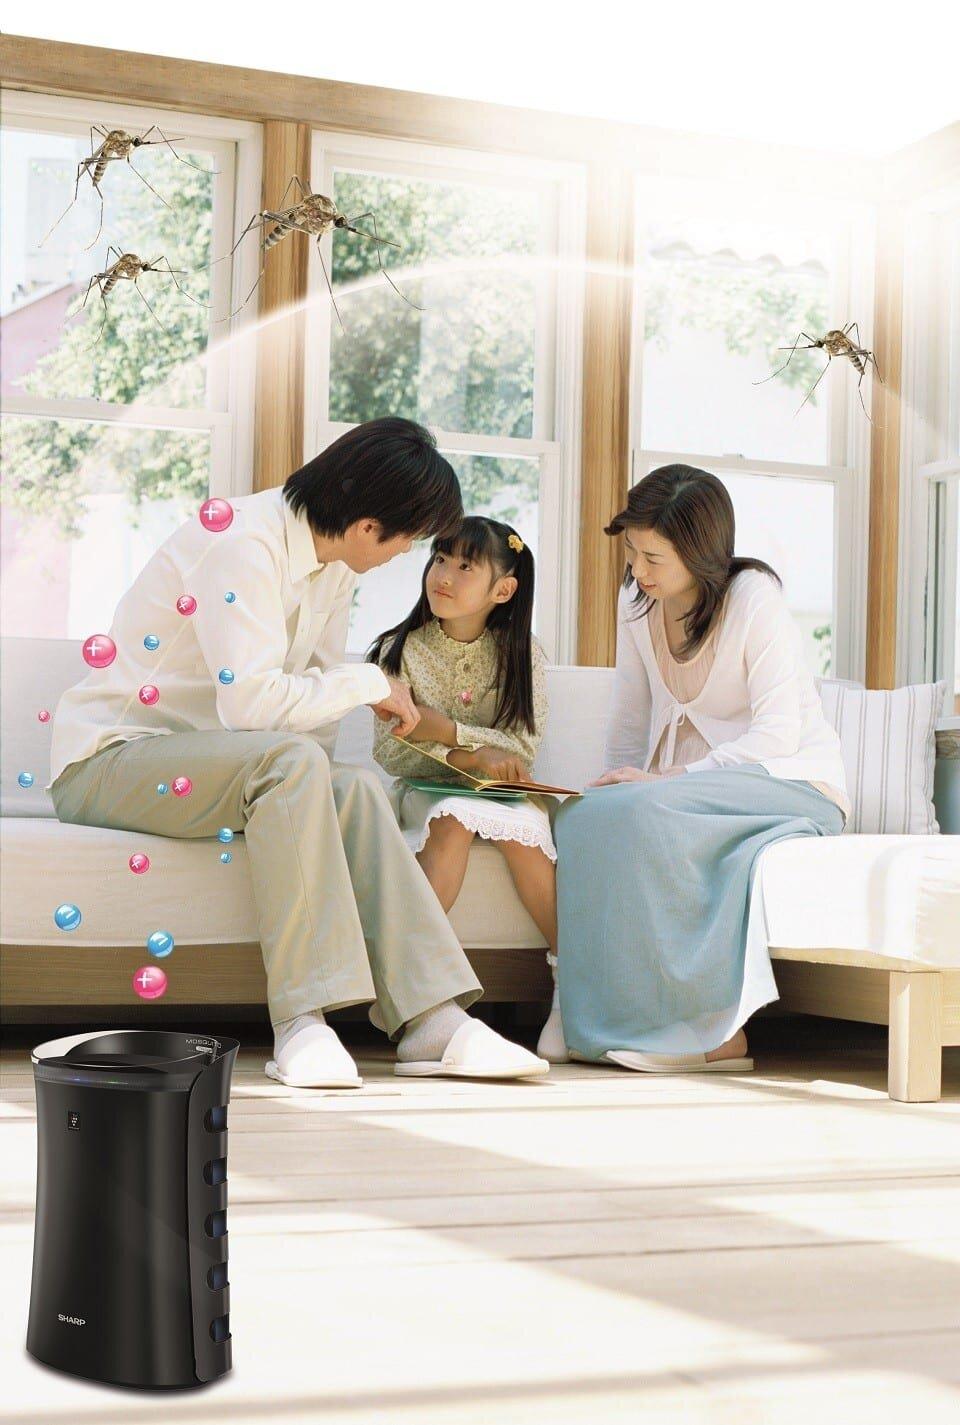 Với công nghệ phát ion âm, máy lọc không khí giúp sức khỏe người dùng tốt hơn